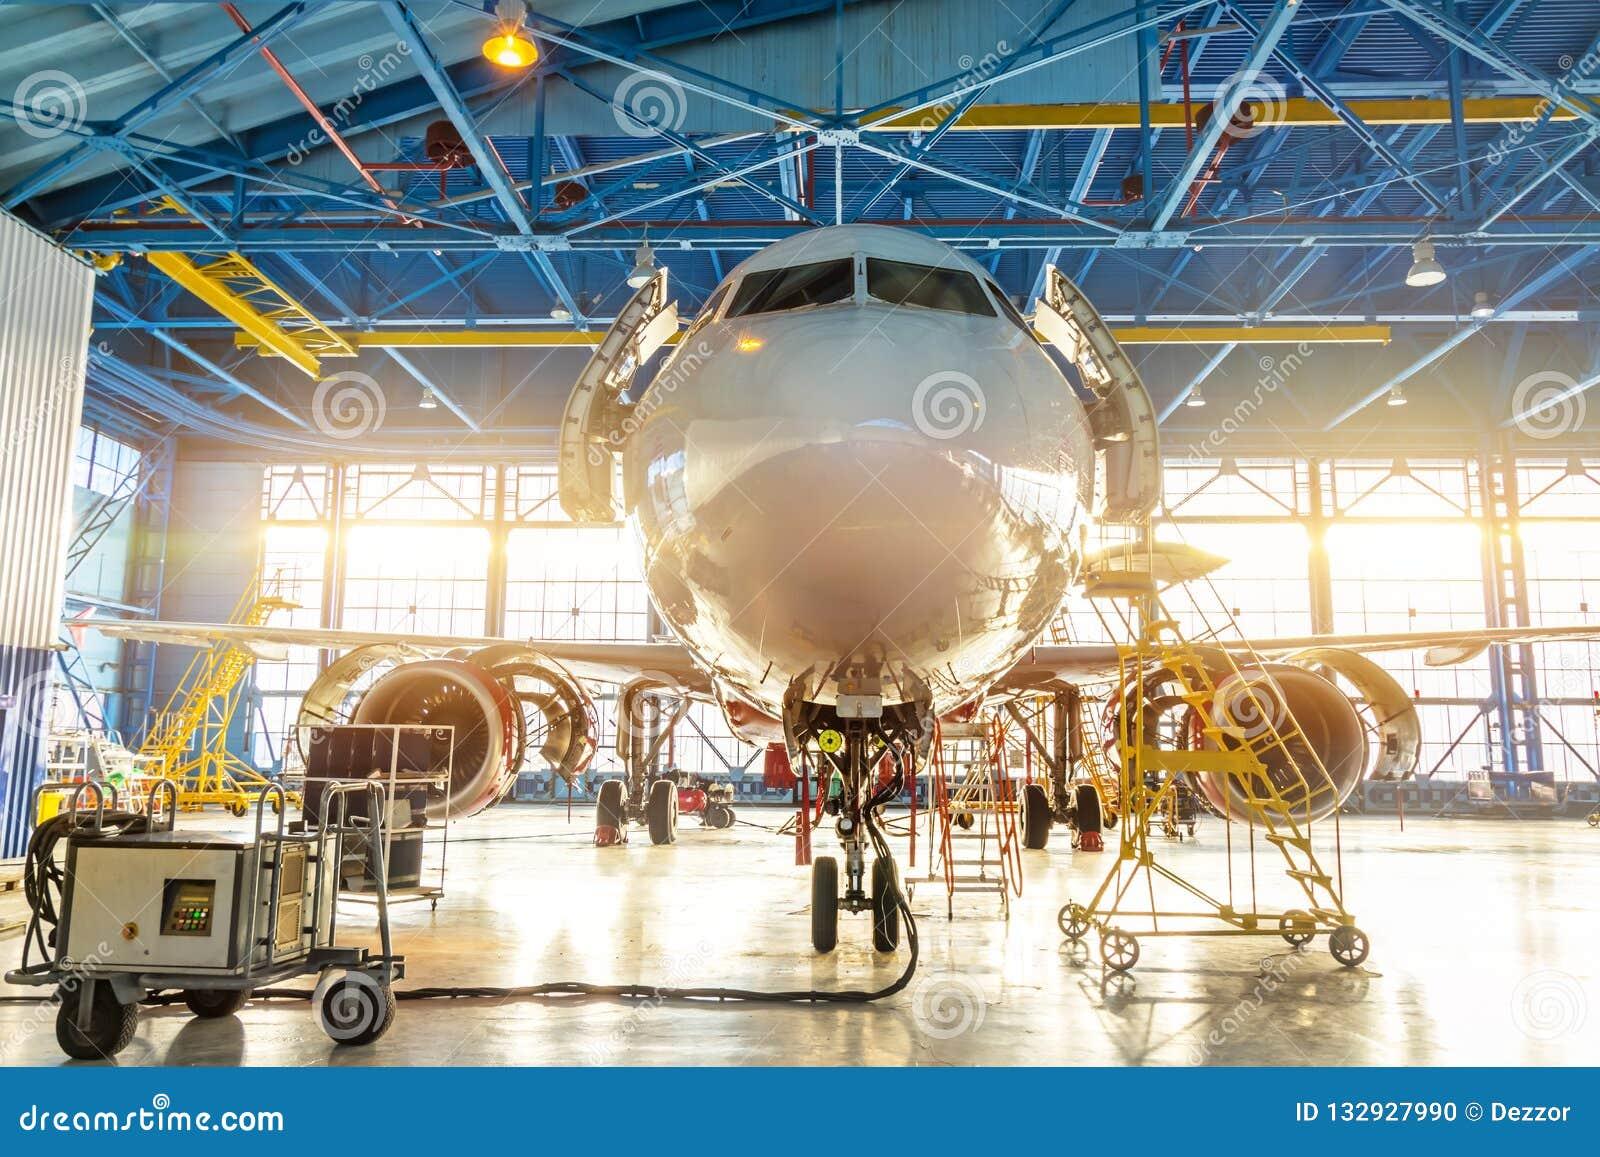 Samolot w lotnictwo przemysłowym hangarze na utrzymaniu, na zewnątrz bramy jaskrawego światła